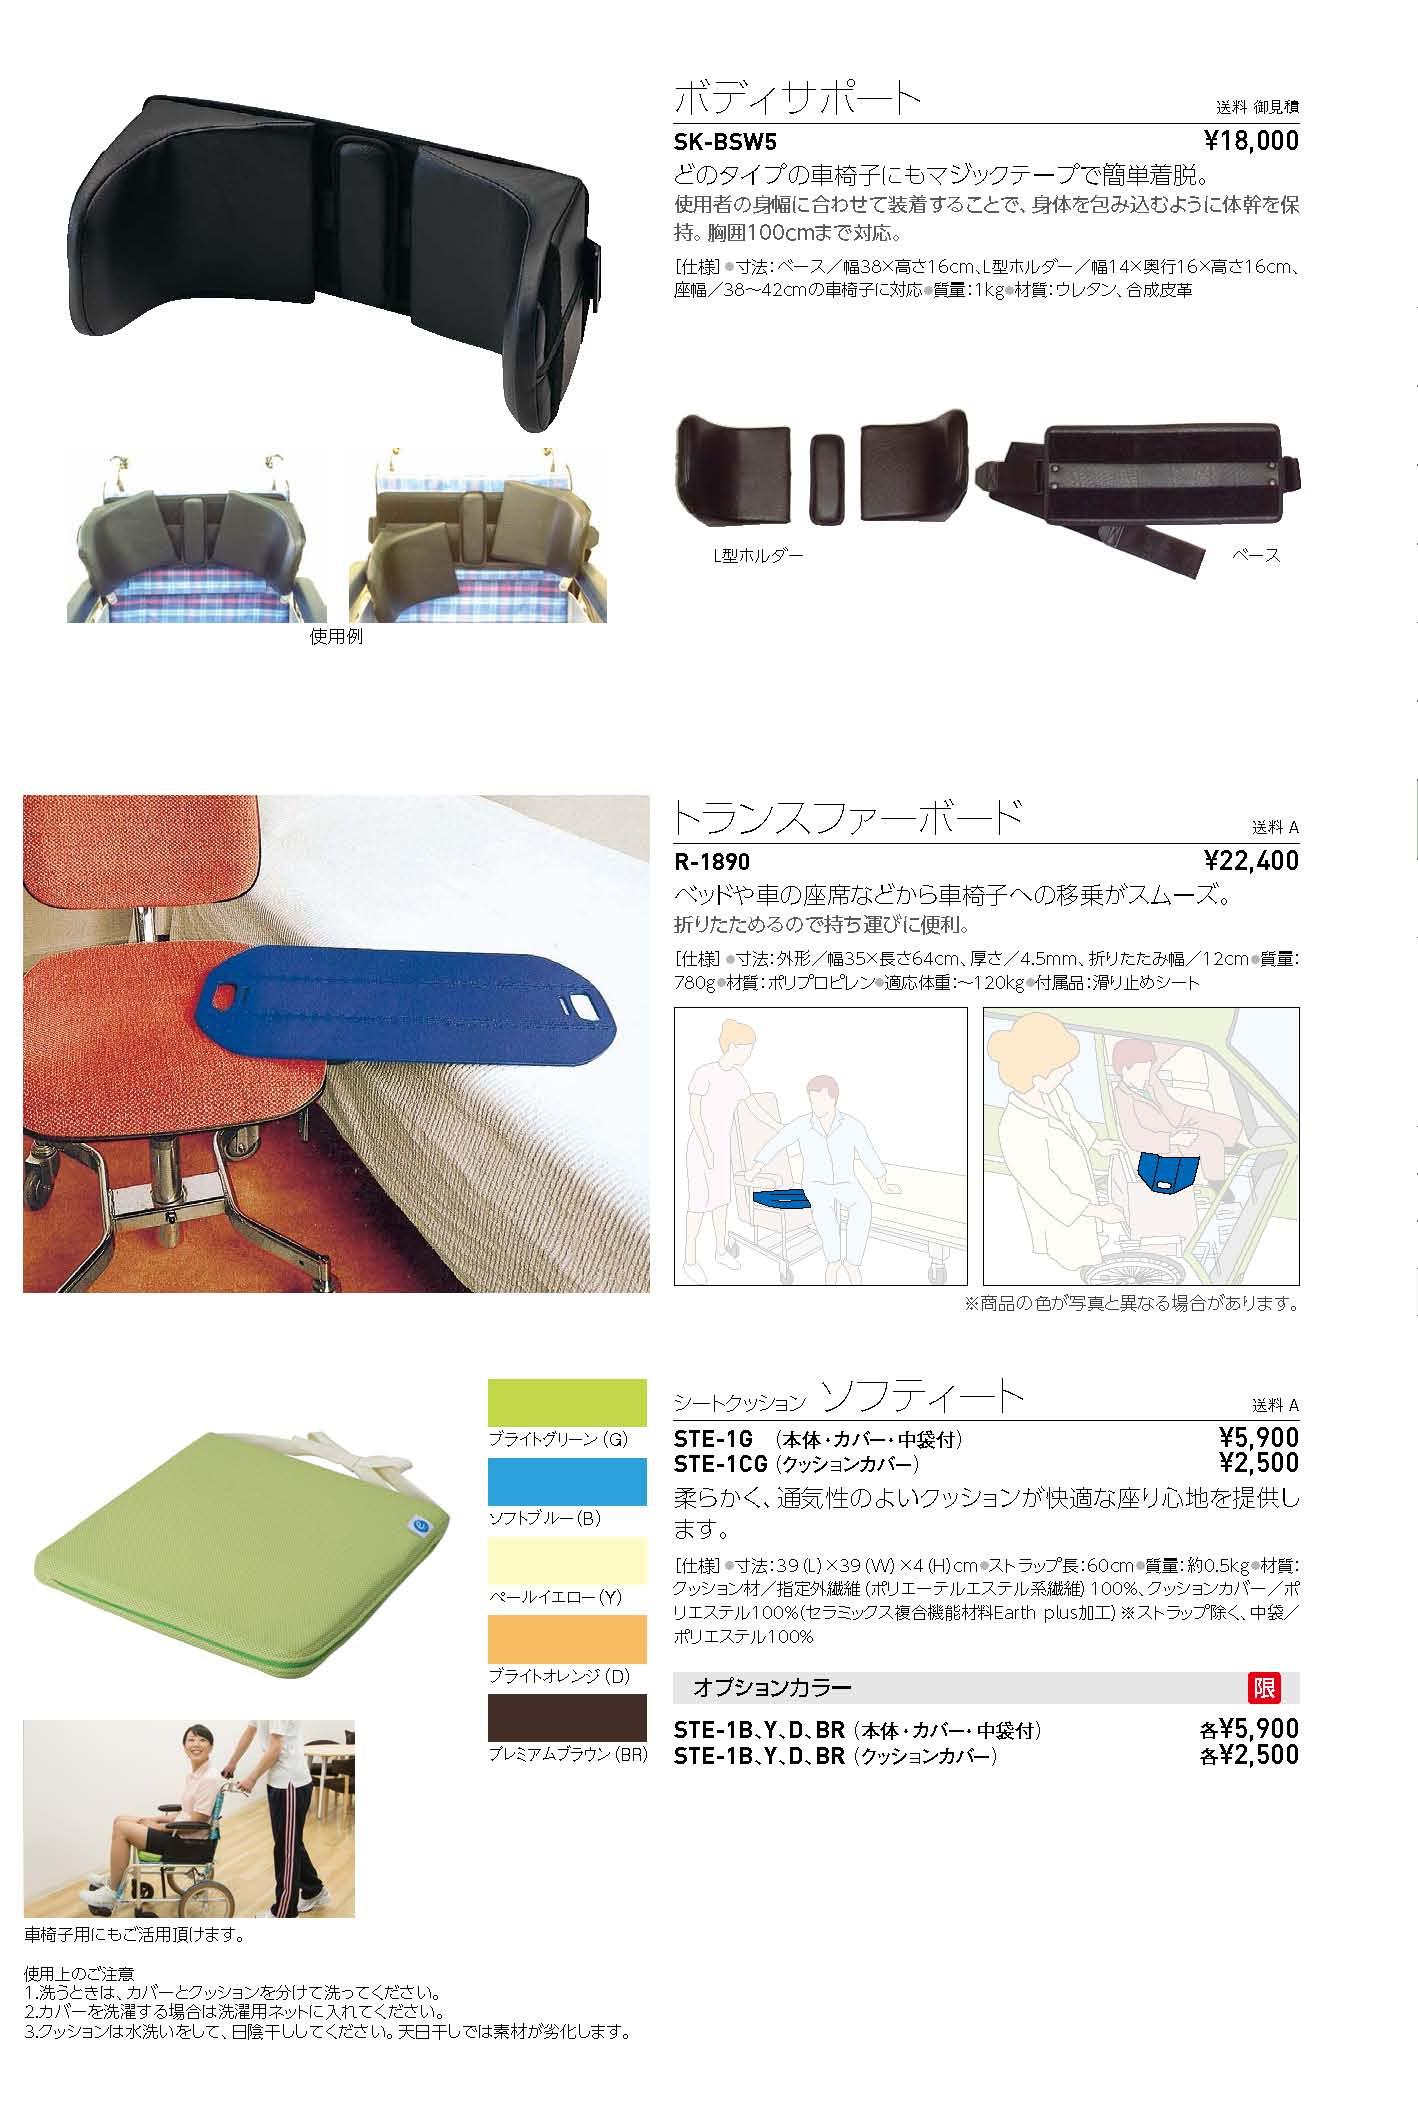 シートクッション ソフティートSTE-1G 自社(sa09230282)